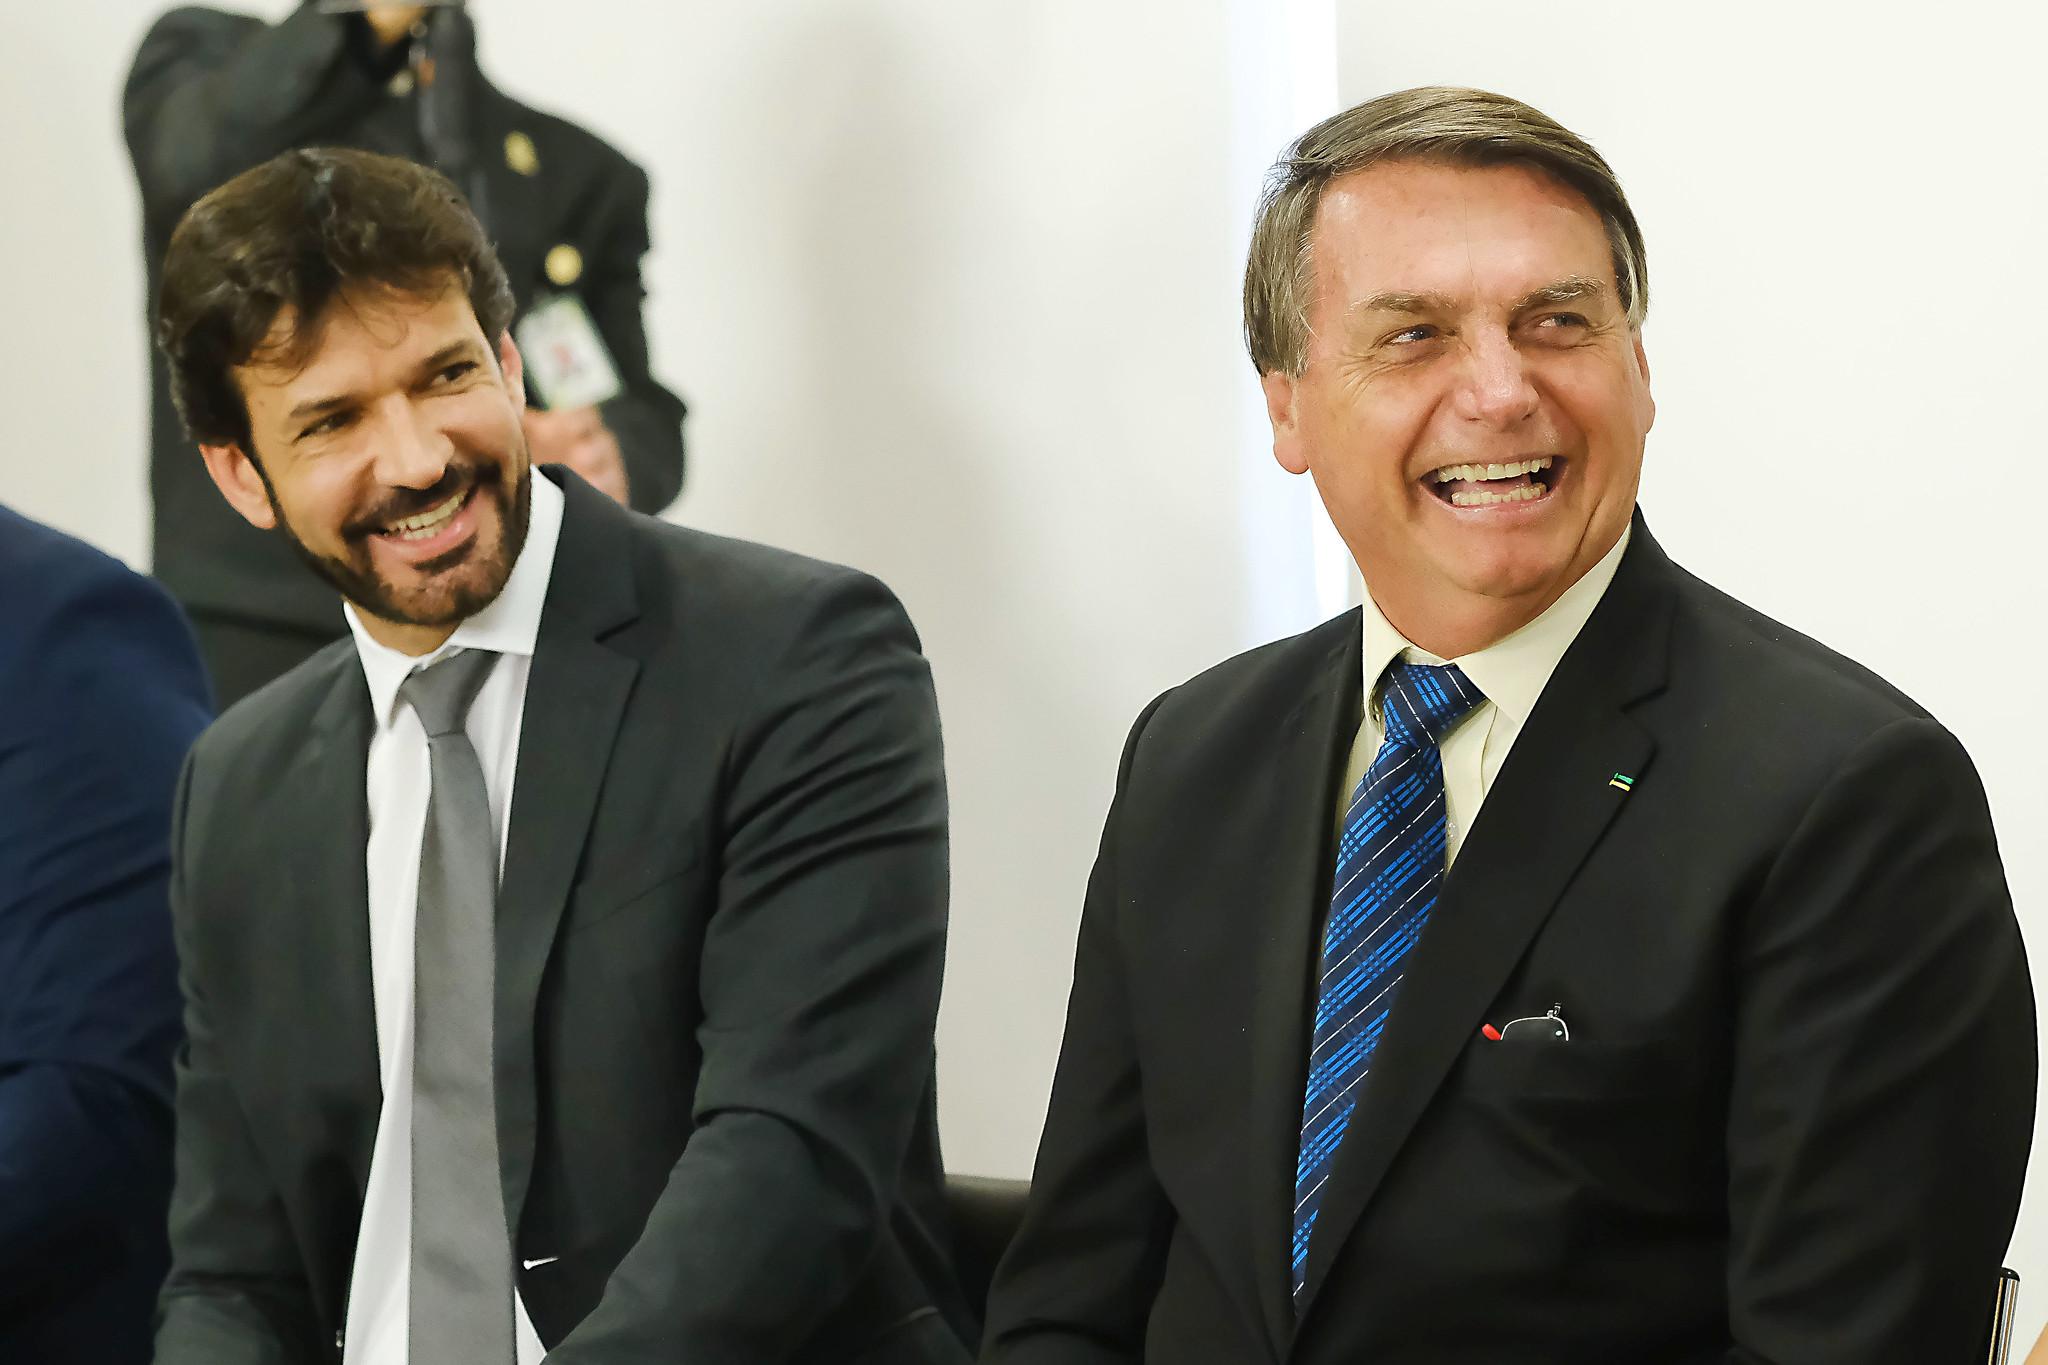 IMAGEM: Congresso aprova MP e governo abre crédito de R$ 5 bilhões para o Turismo